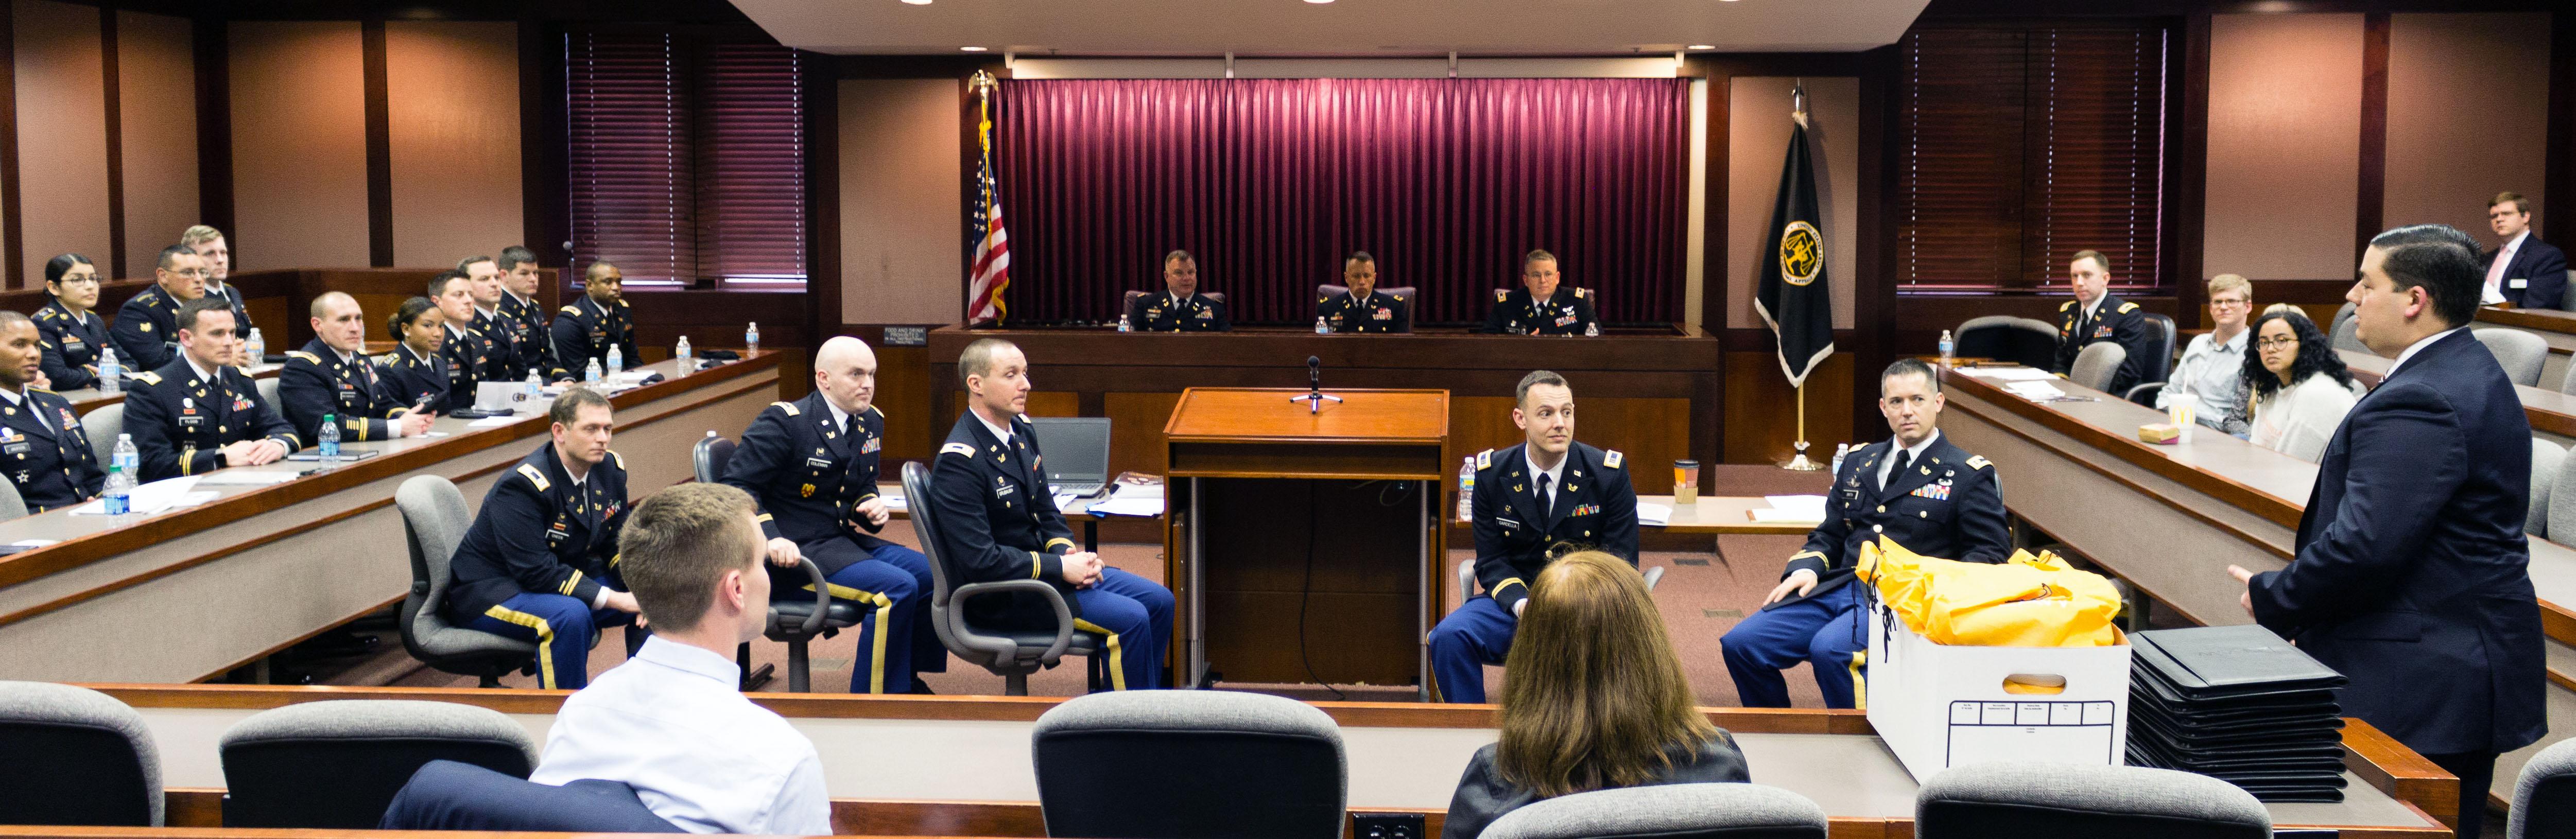 Tribunal law